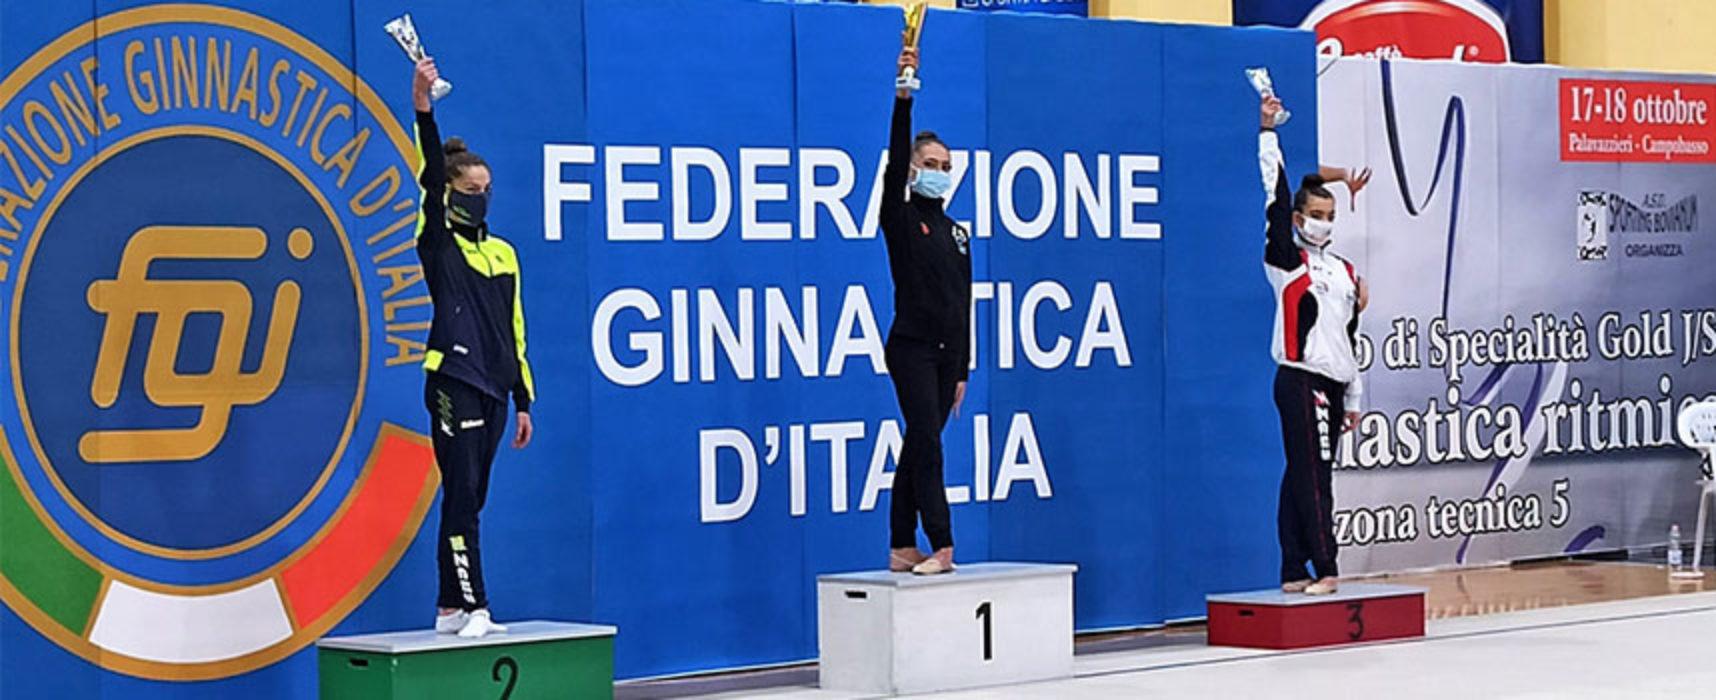 Ginnastica Ritmica, doppio titolo Interregionale per Serena Abbadessa